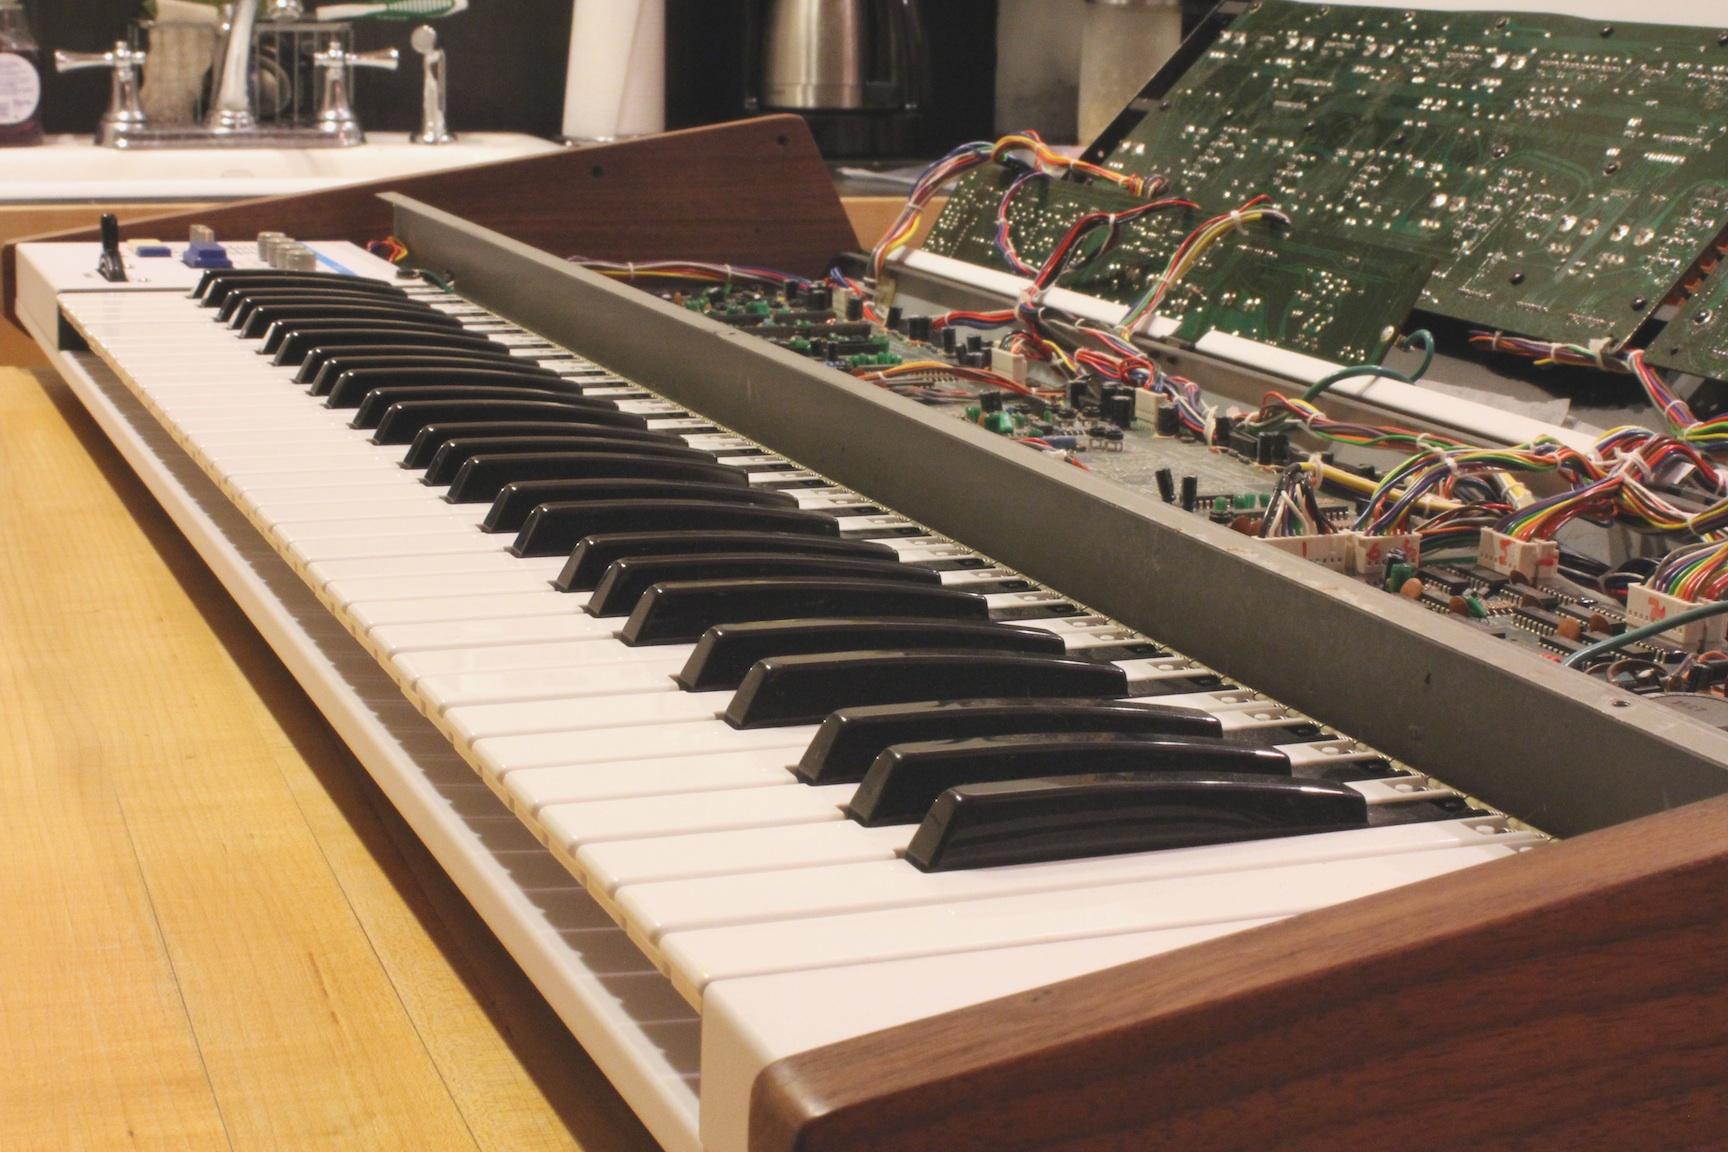 roland-jp-6-keys-open-lid.jpg